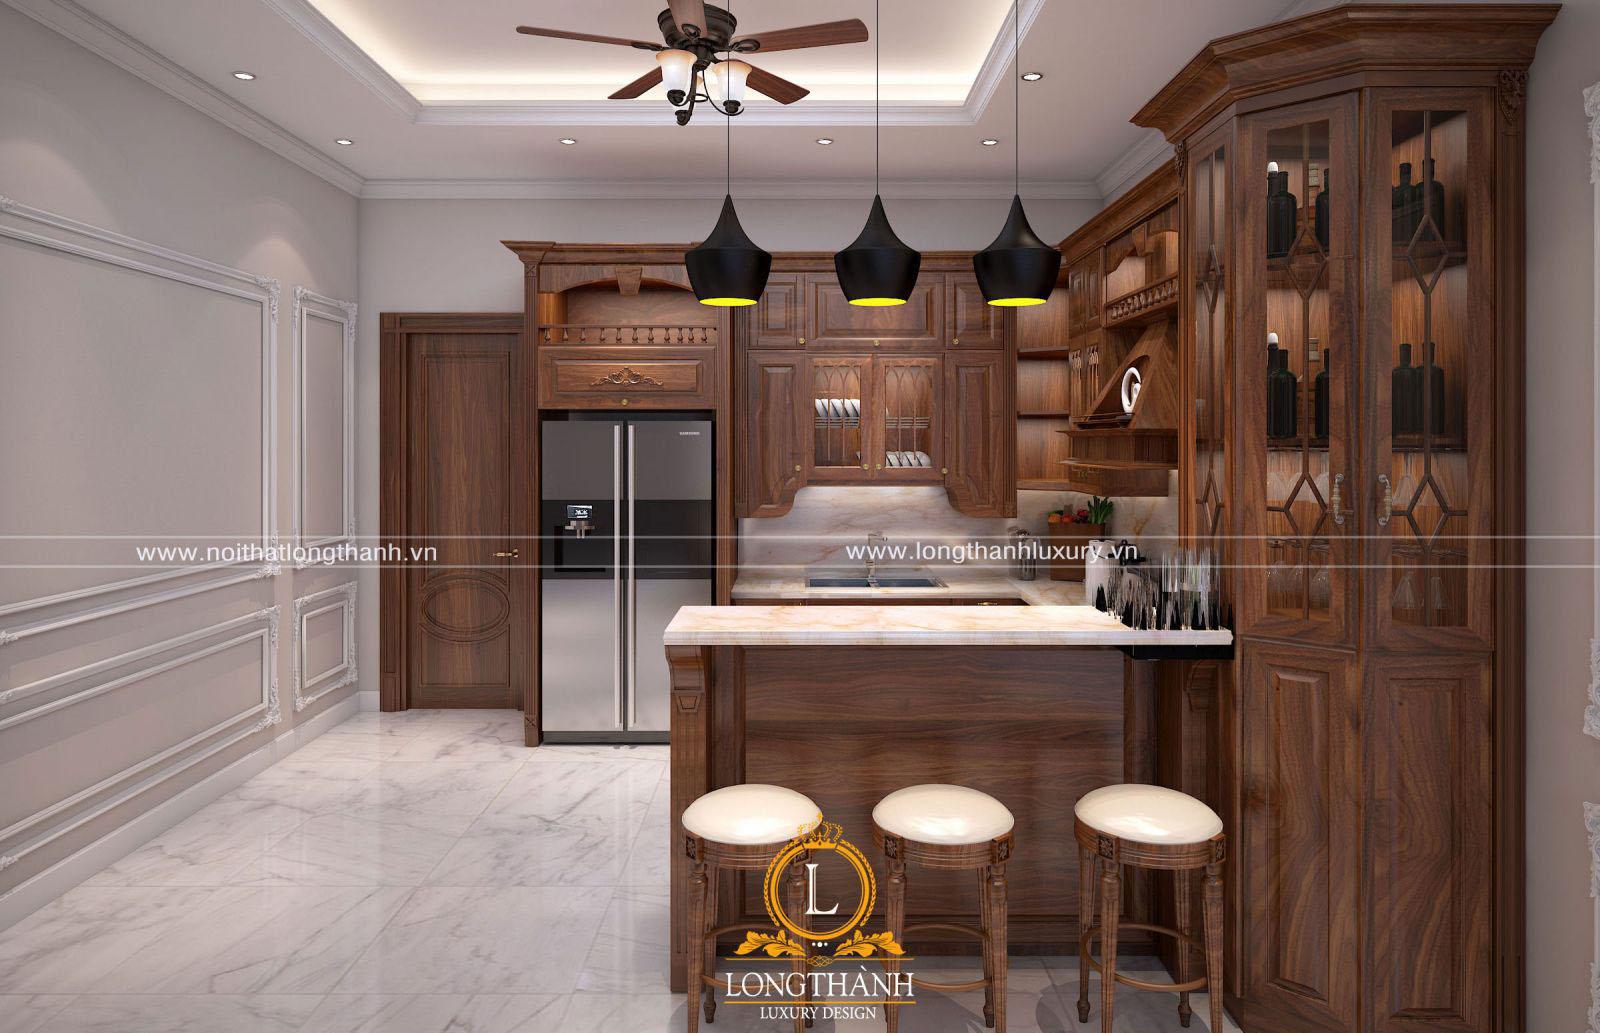 Tủ bếp tân cổ điển cho chung cư